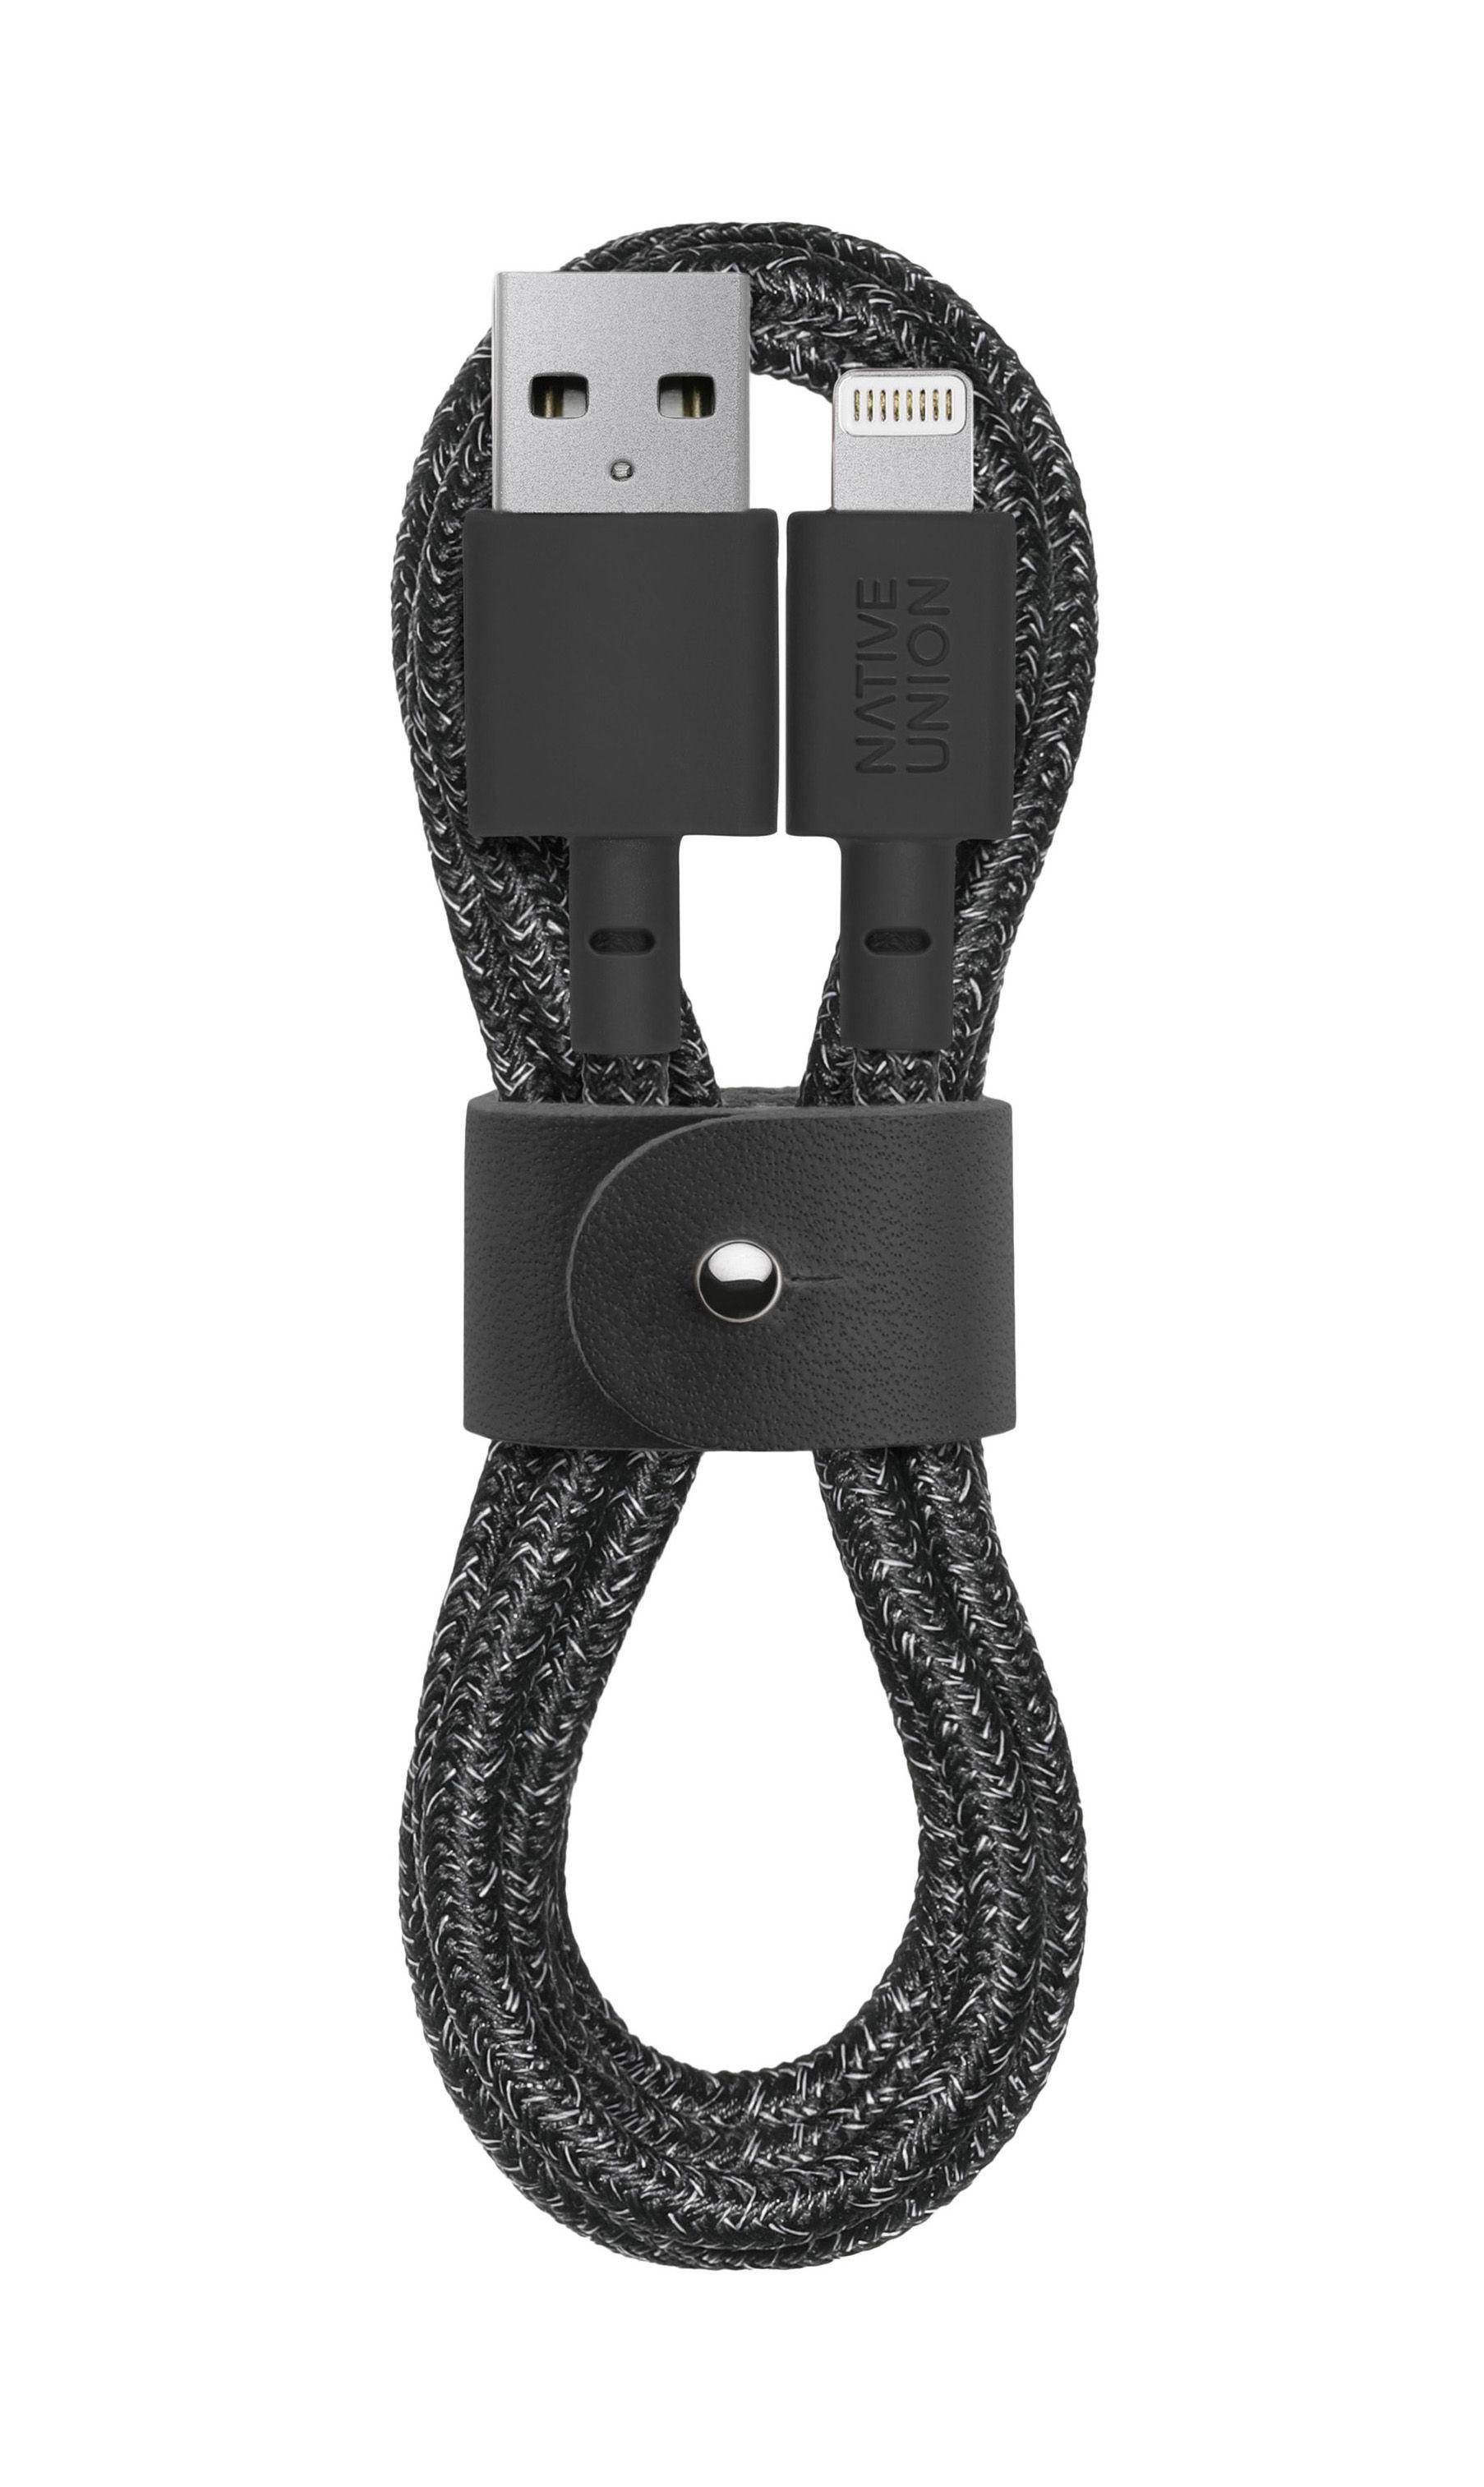 Accessoires - Objets connectés, accessoires high tech - Câble de charge Belt / Apple-Lightning - 120 cm - Native Union - Noir chiné - Cuir, Tissu